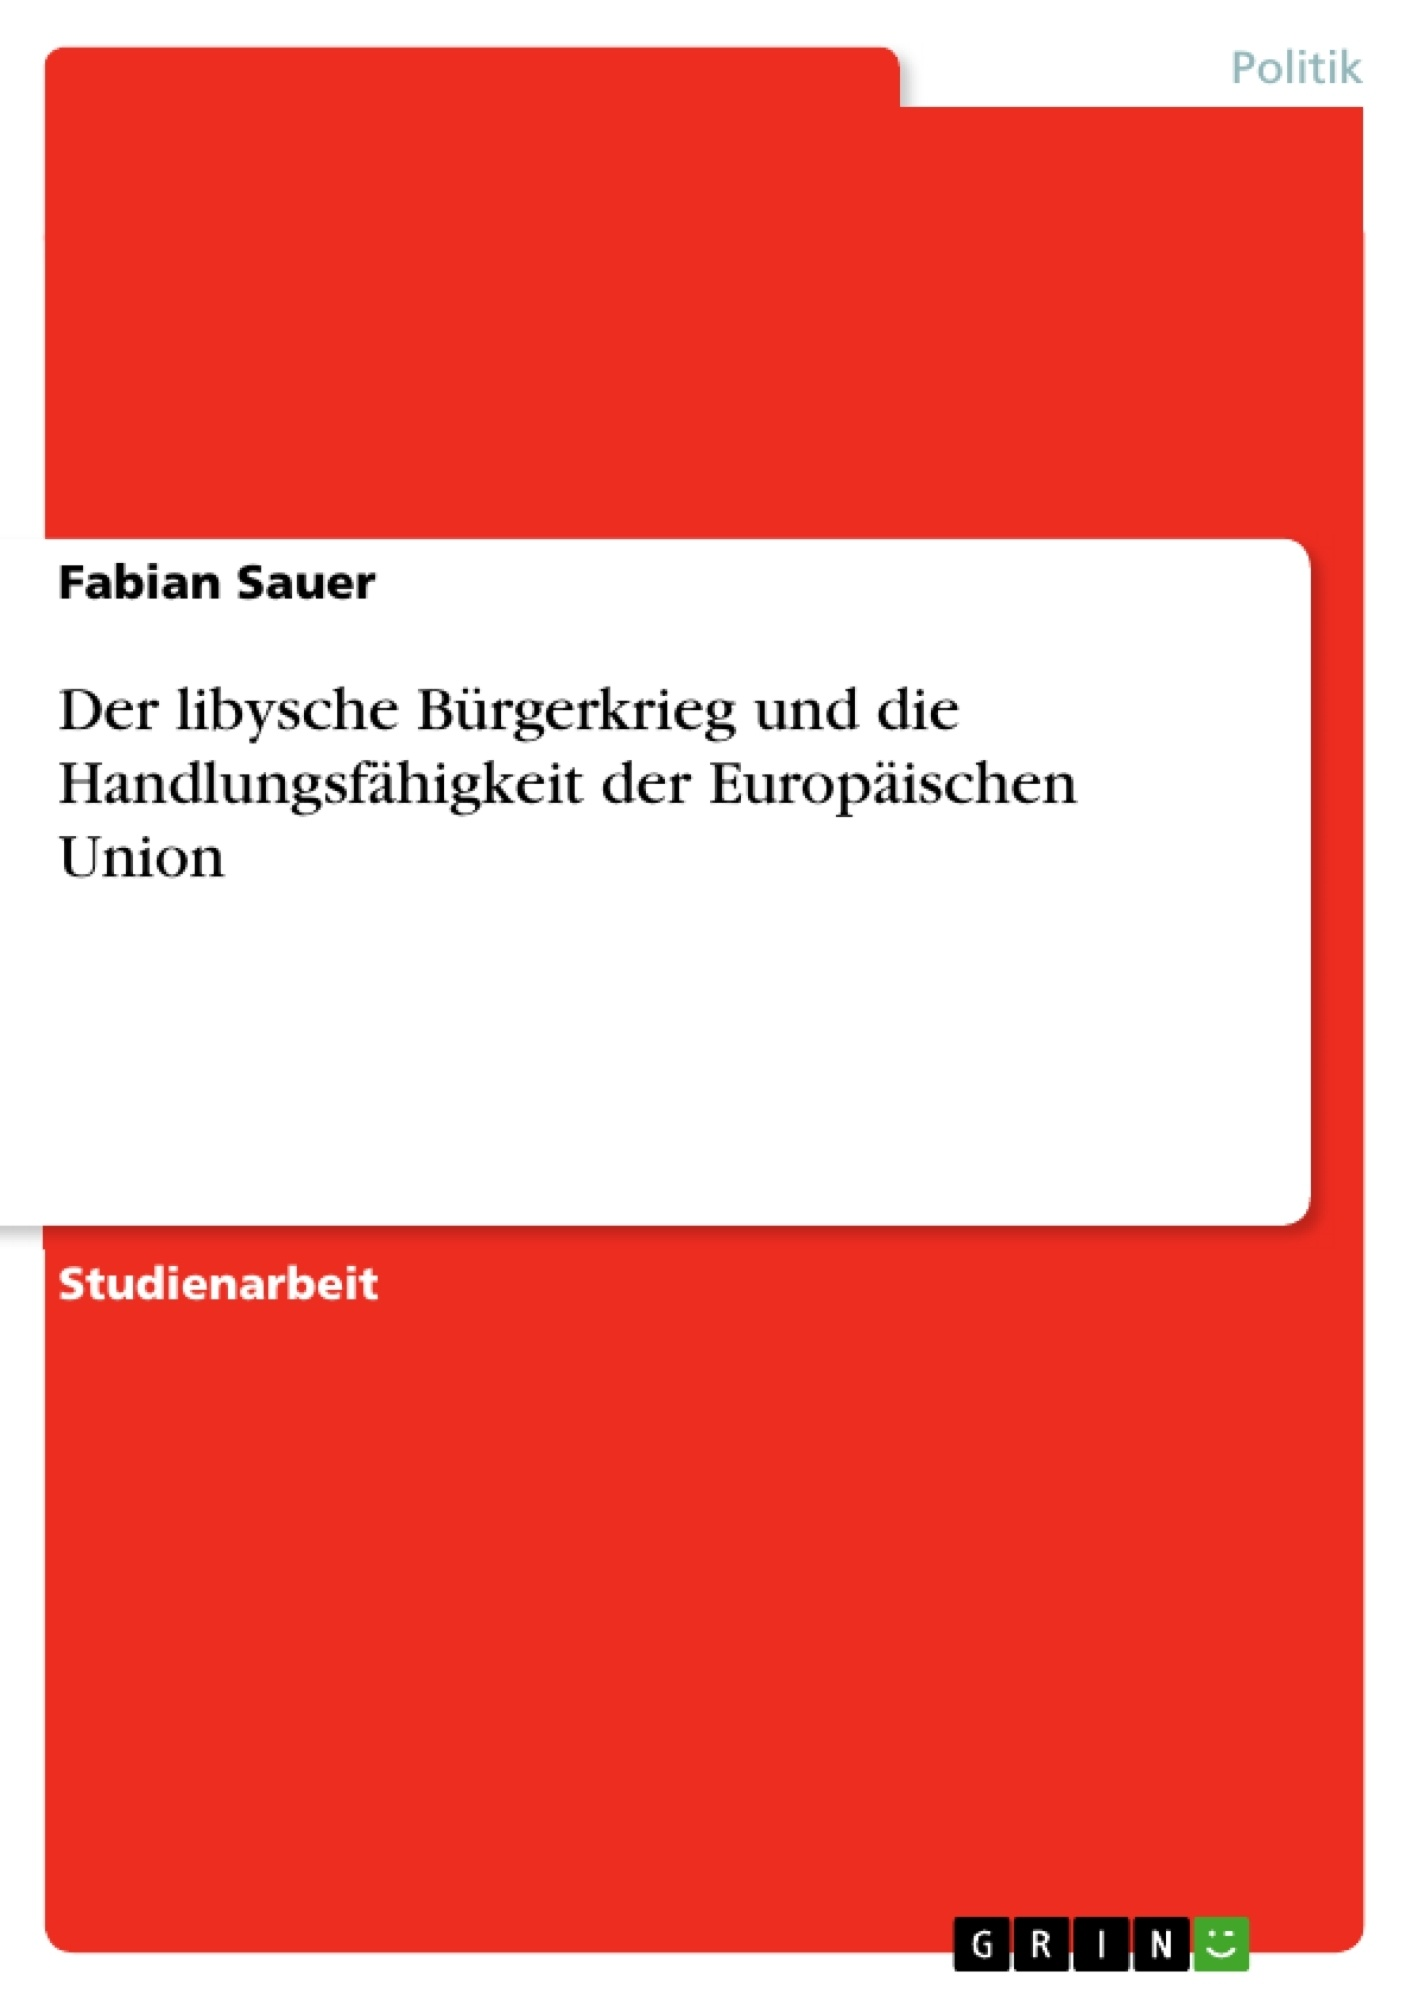 Titel: Der libysche Bürgerkrieg und die Handlungsfähigkeit der Europäischen Union